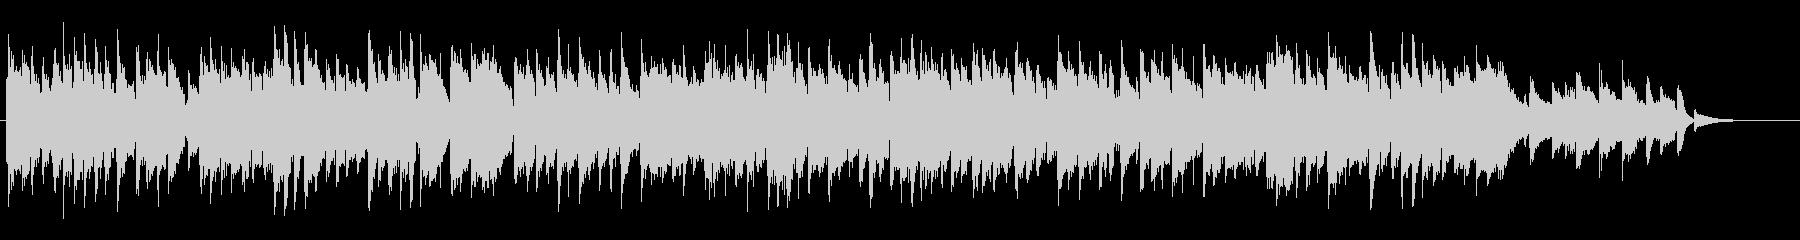 英国ルネサンス調・耽美なアコギ二重奏の未再生の波形